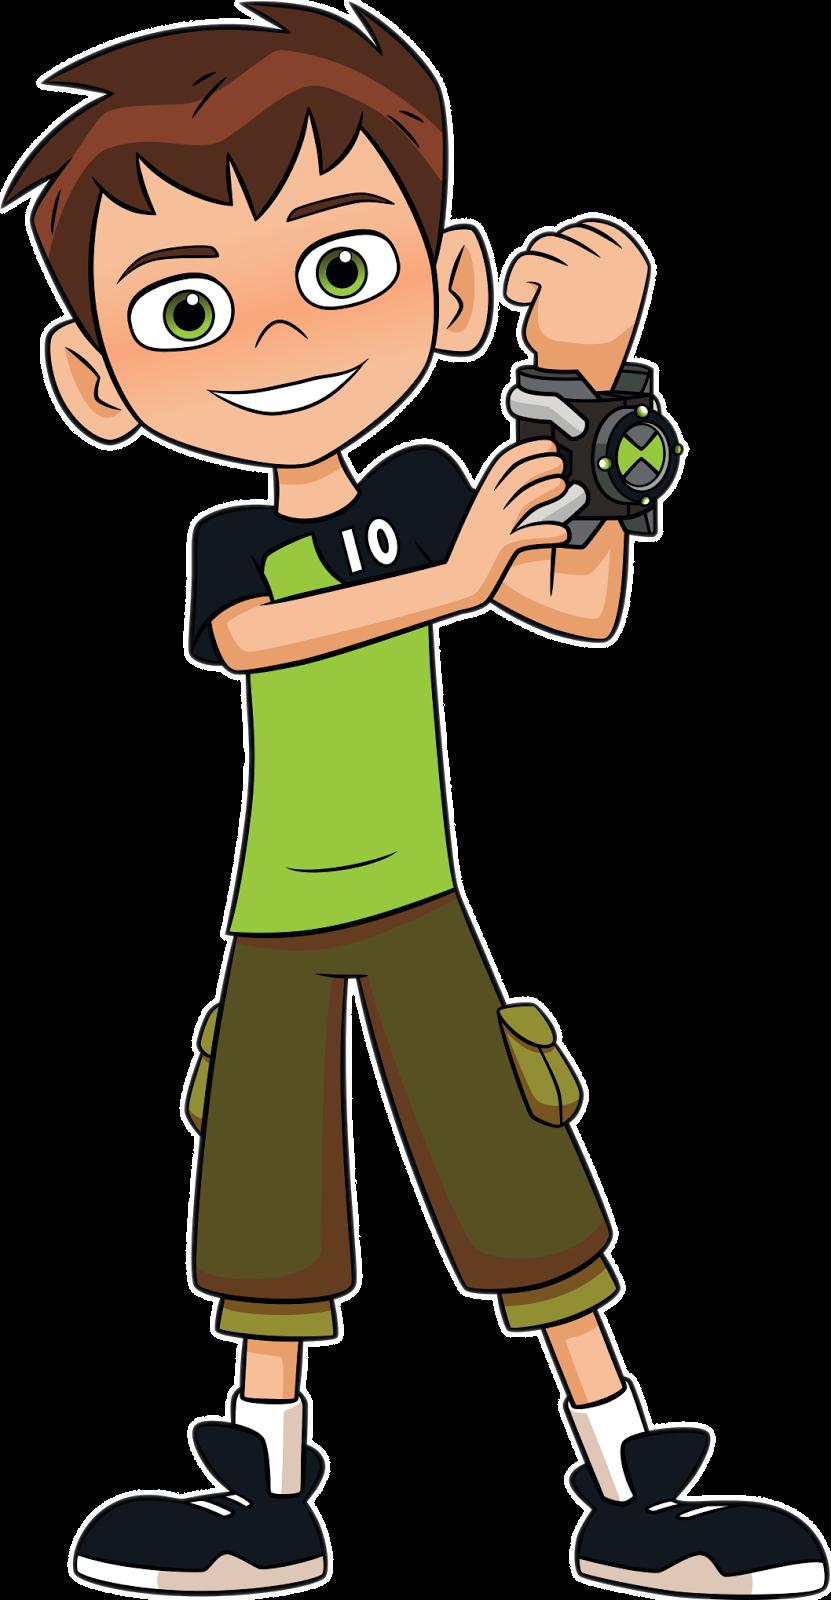 Cartoon Characters Ben 10 Png